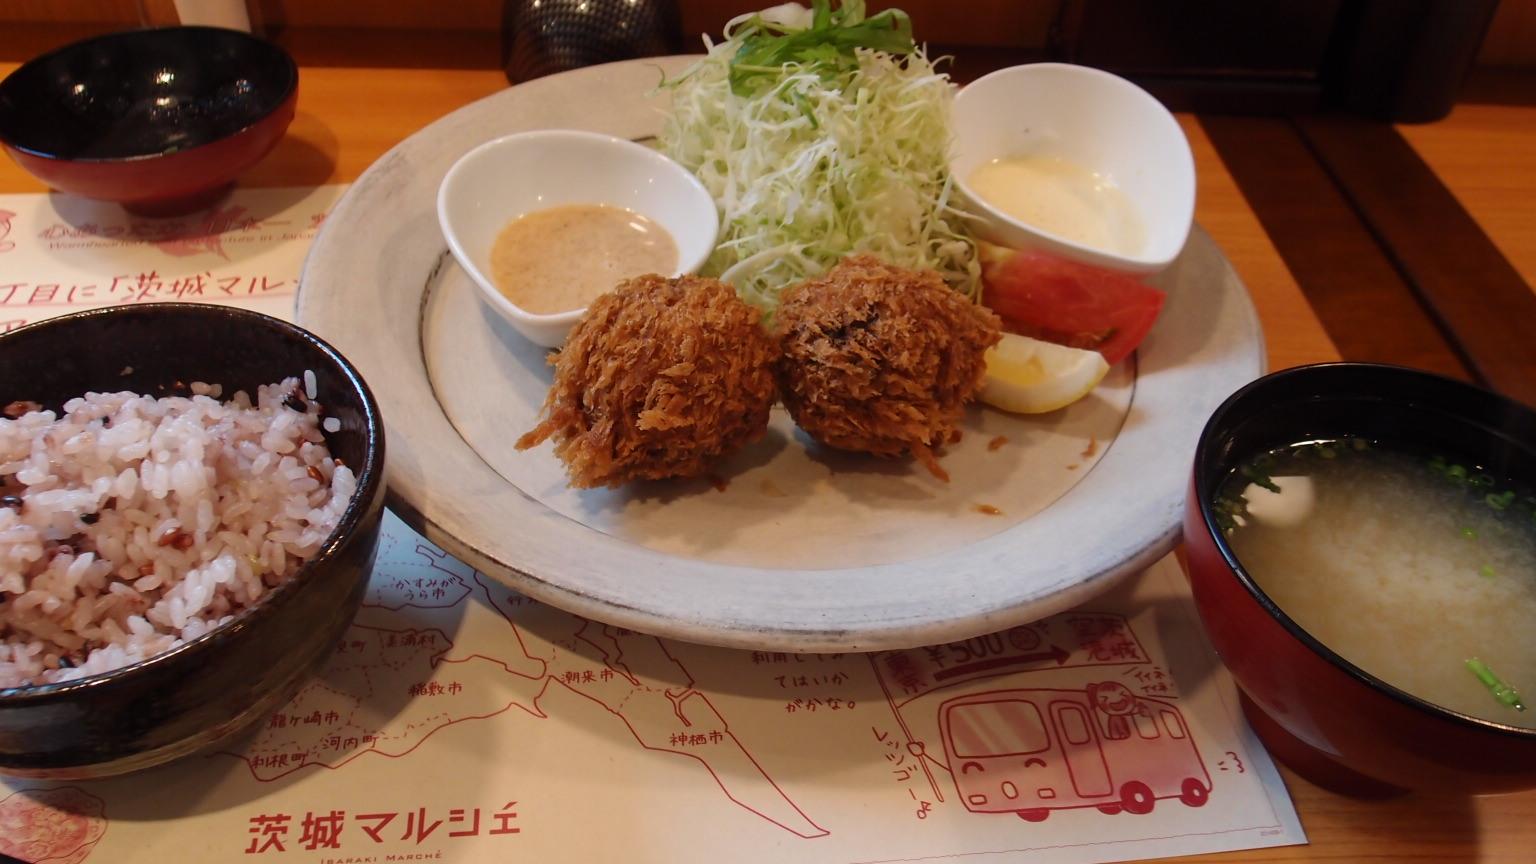 銀座 茨城マルシェ いばらきメンチ | 生しらす丼